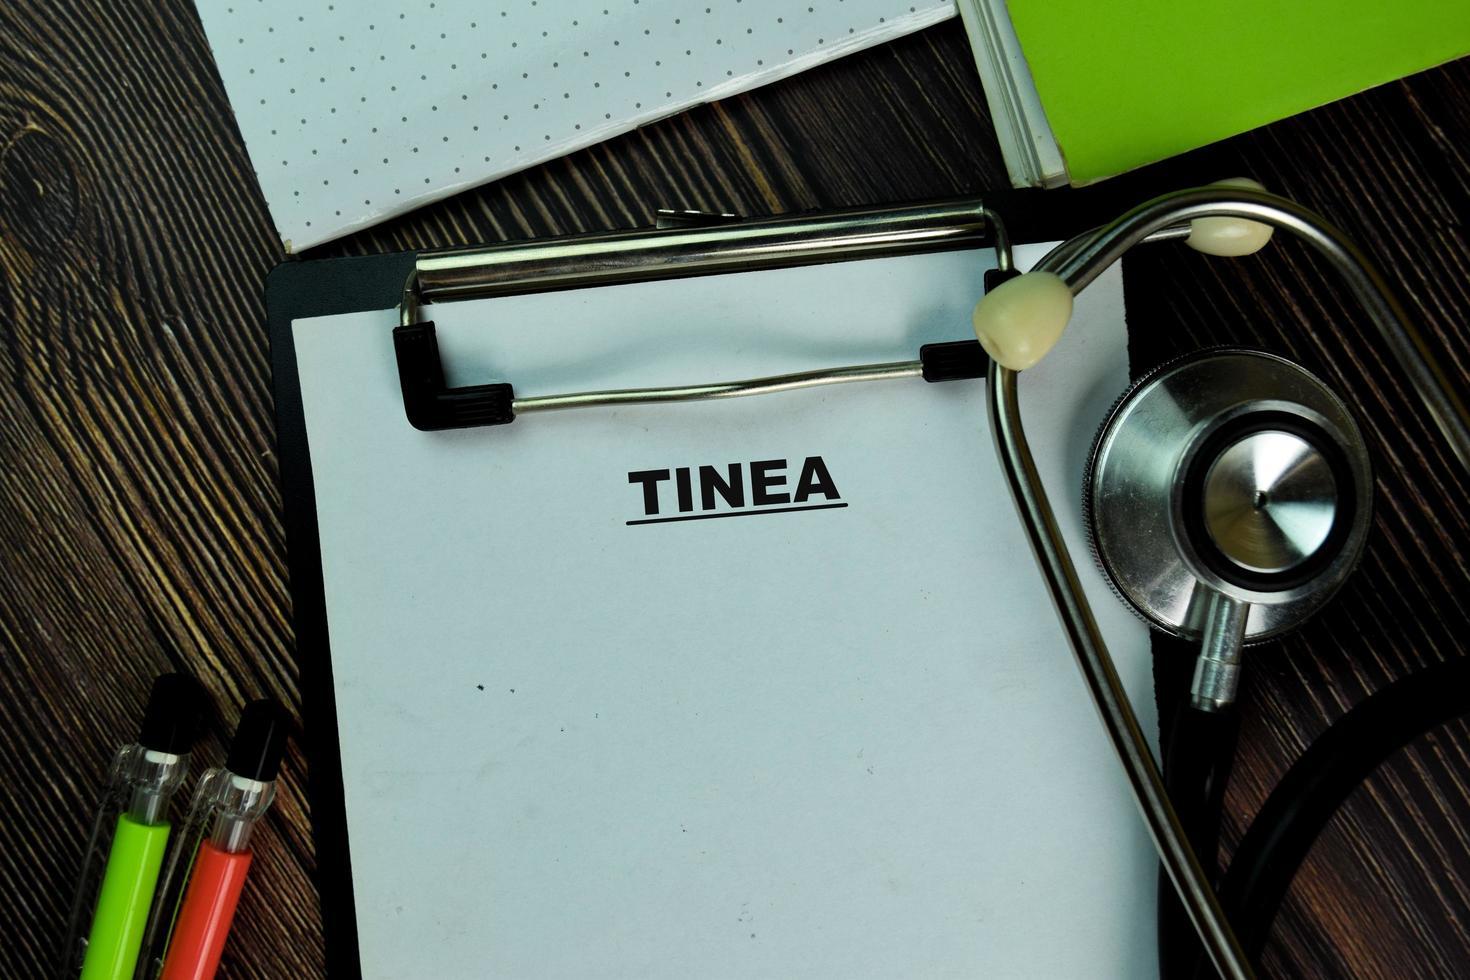 tinea skriven på pappersarbete isolerad på träbord foto